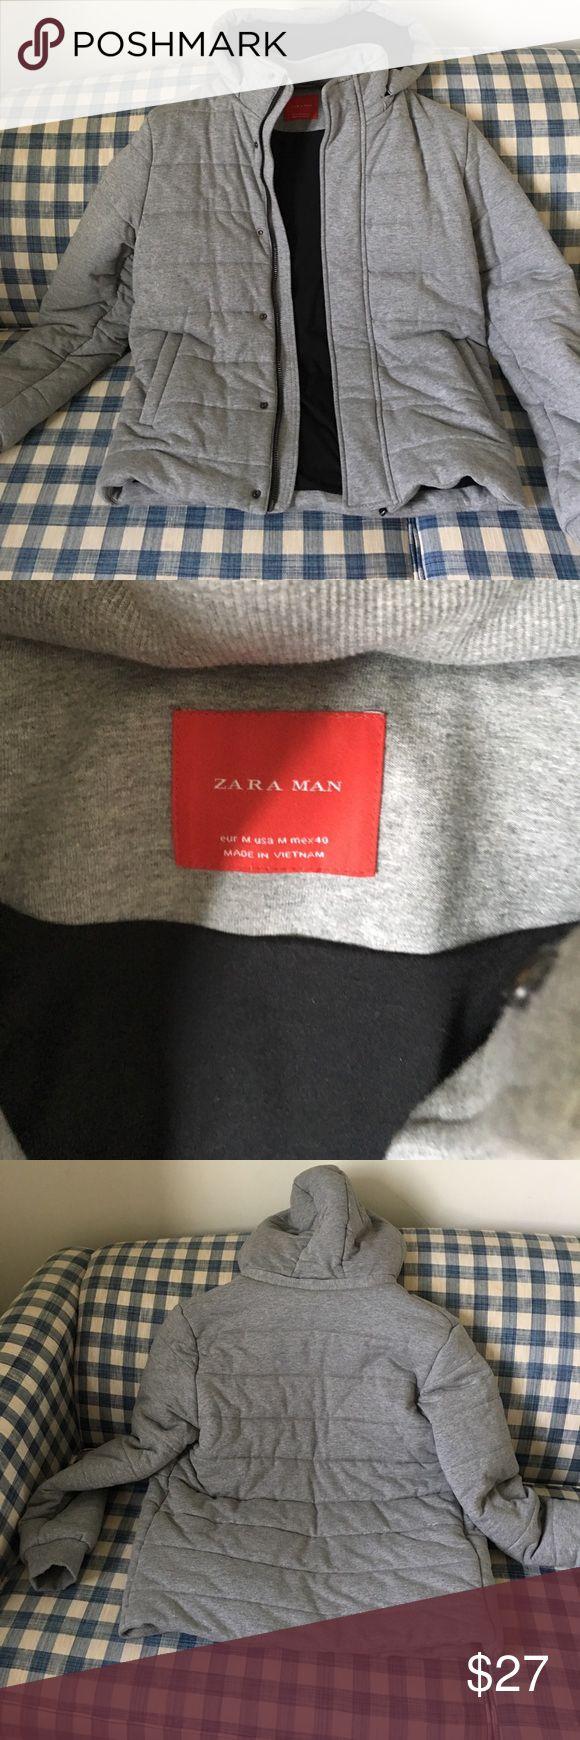 Zara man jacket Brand new zara man jacket size M - 42R Zara Jackets & Coats Puffers